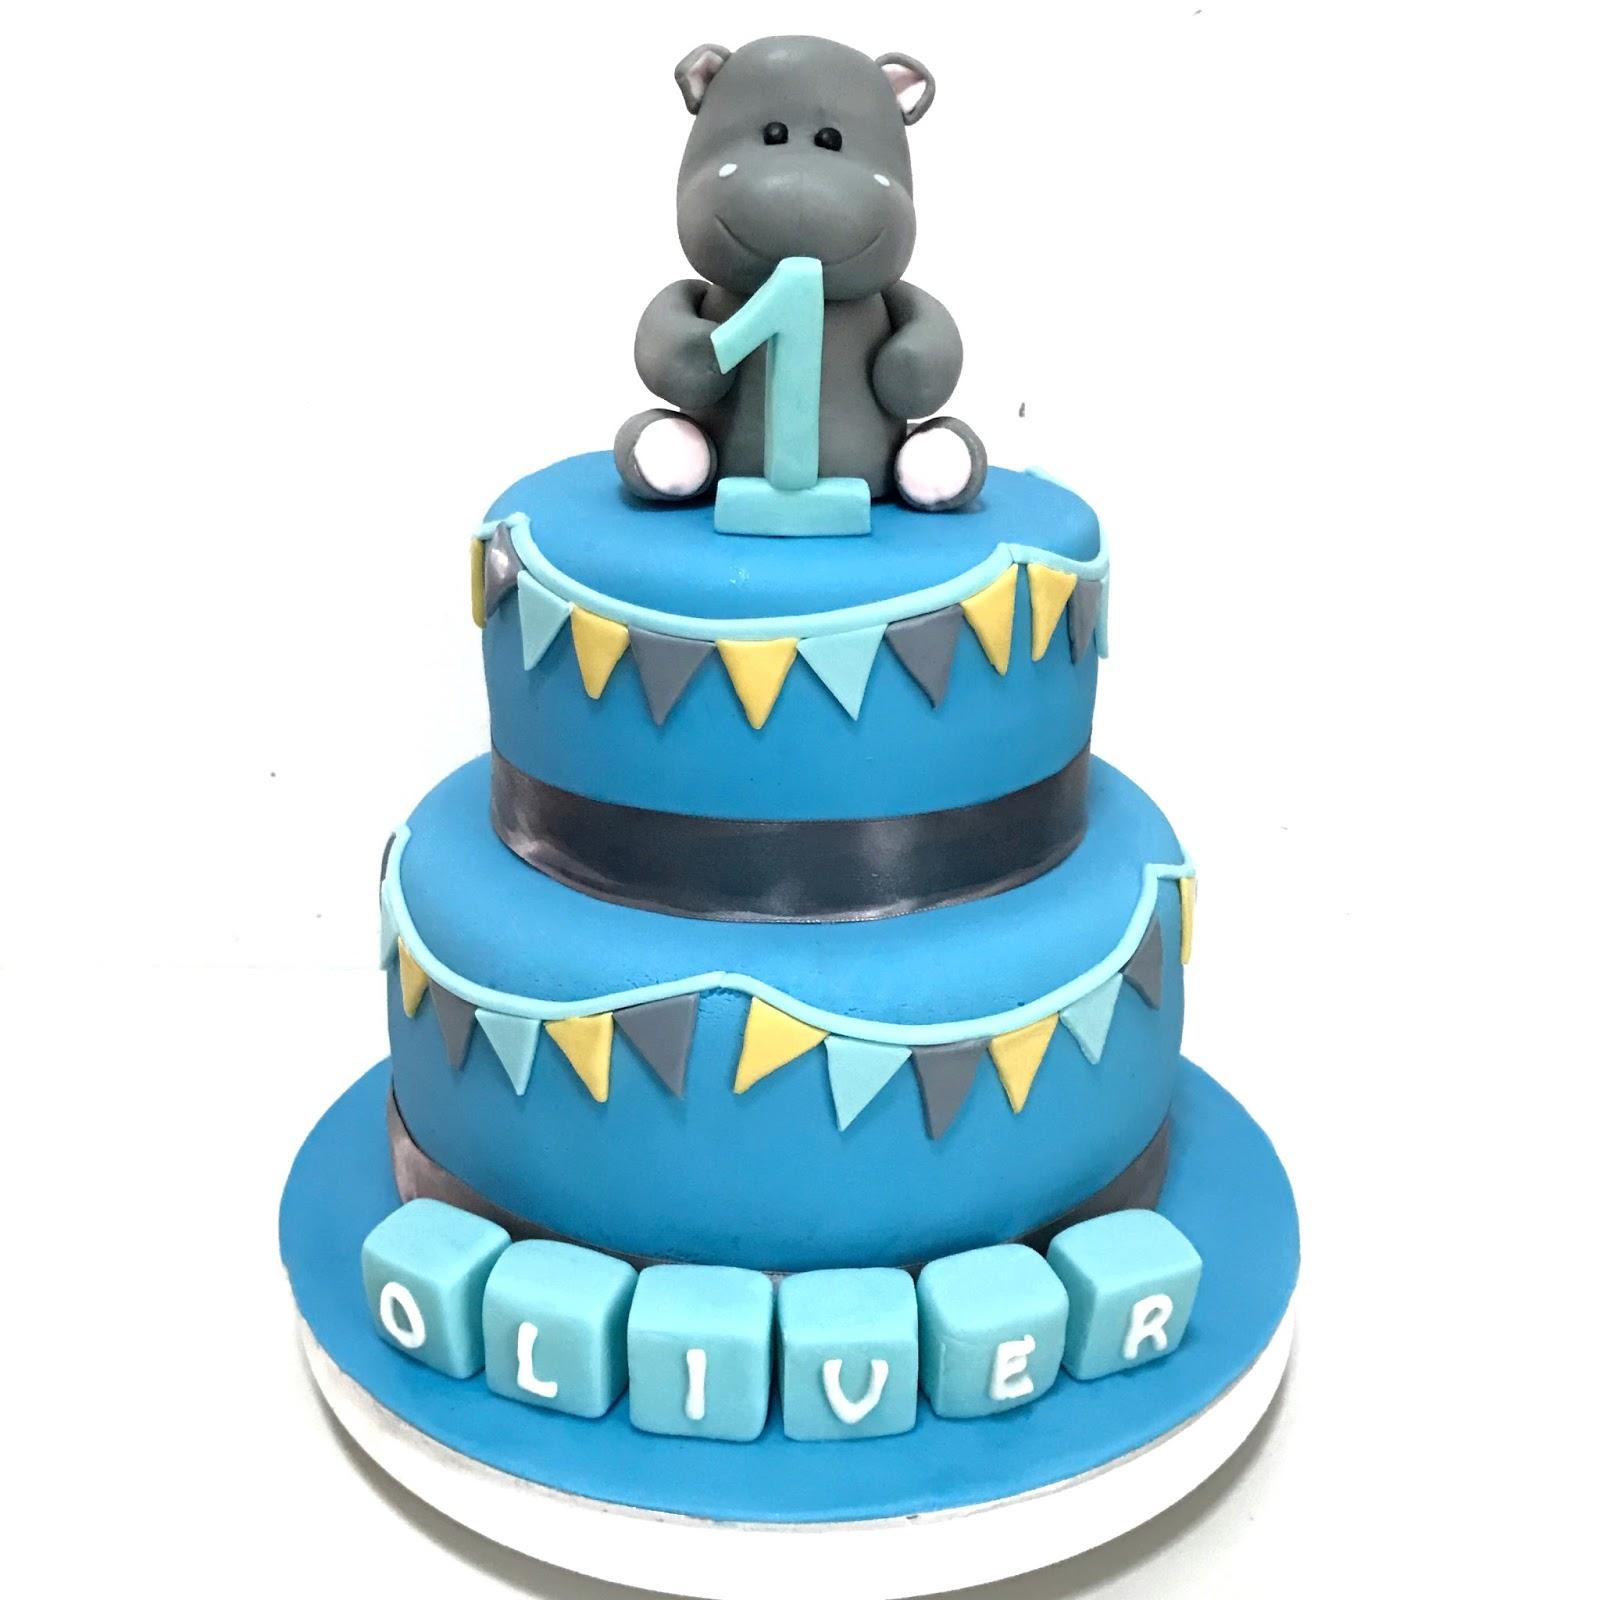 Hippo Cake For Baby Oli Sherbakes